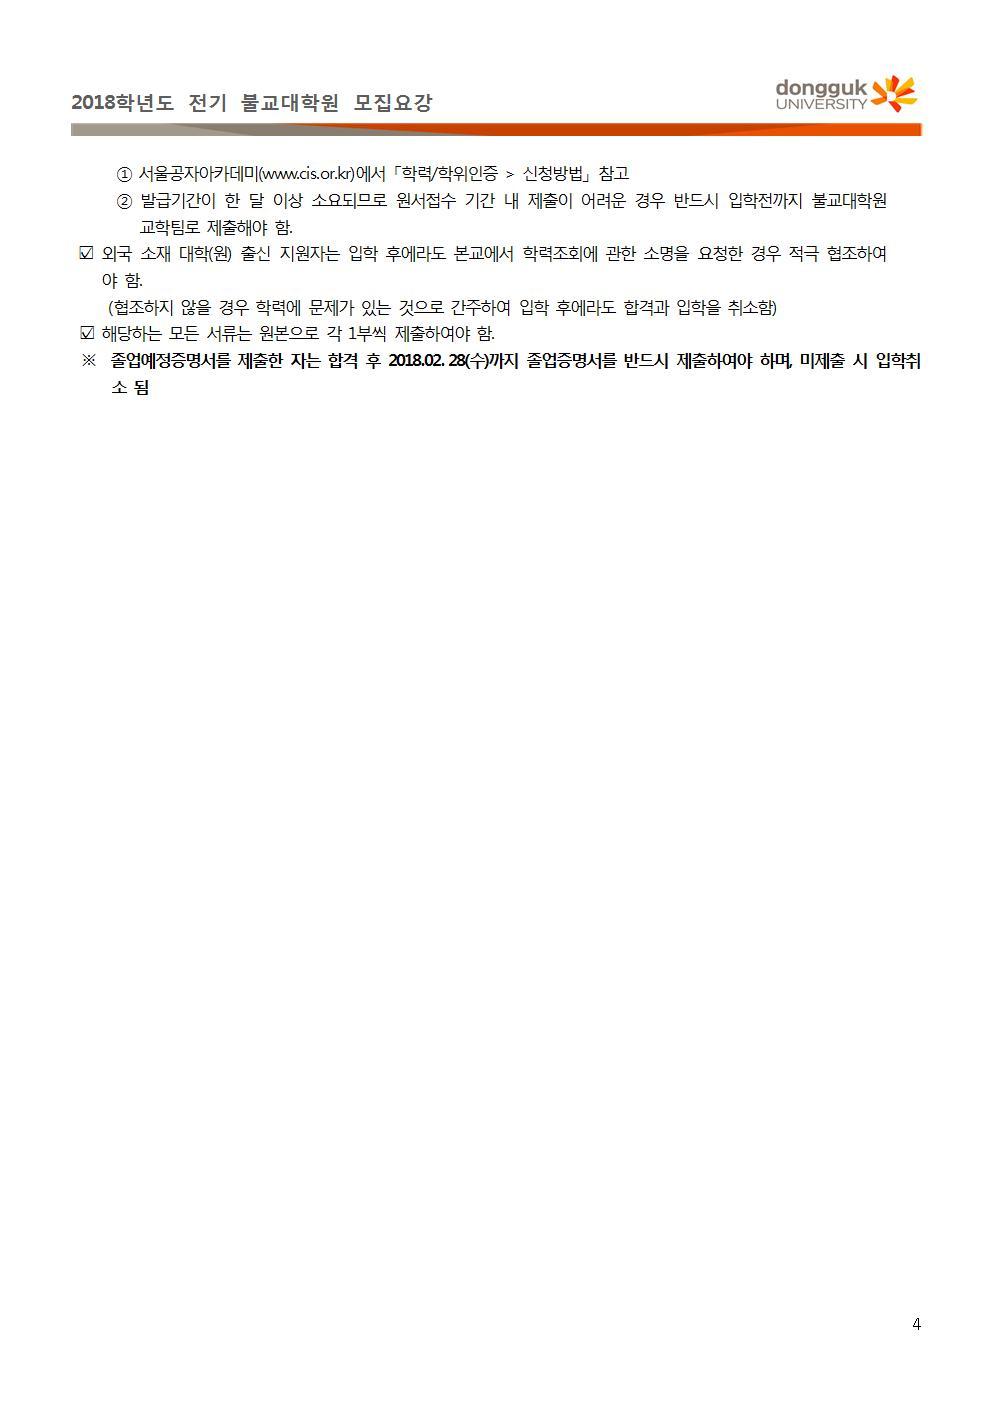 (첨부1) 불교대학원 2018학년도 전기 신입생 모집 요강(2차)004